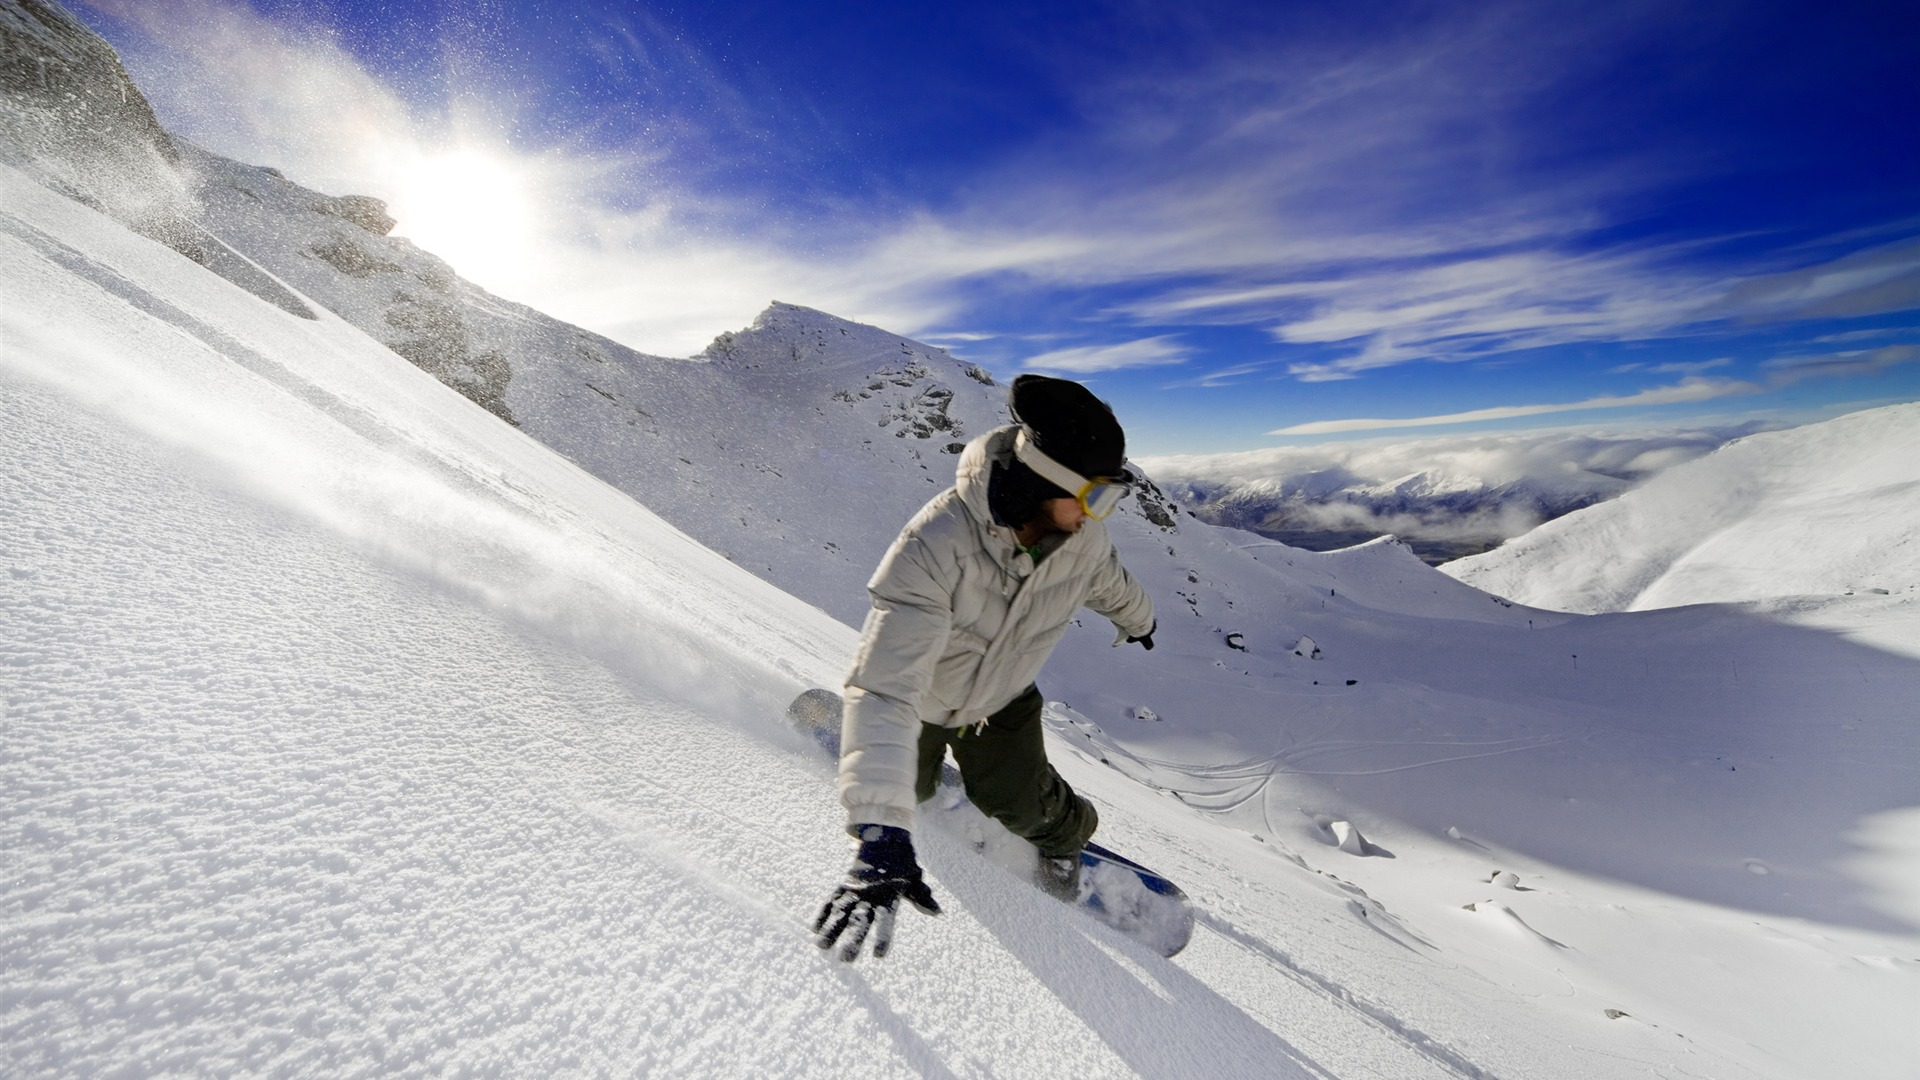 snowboard la vie est le défi x fond d'écran télécharger